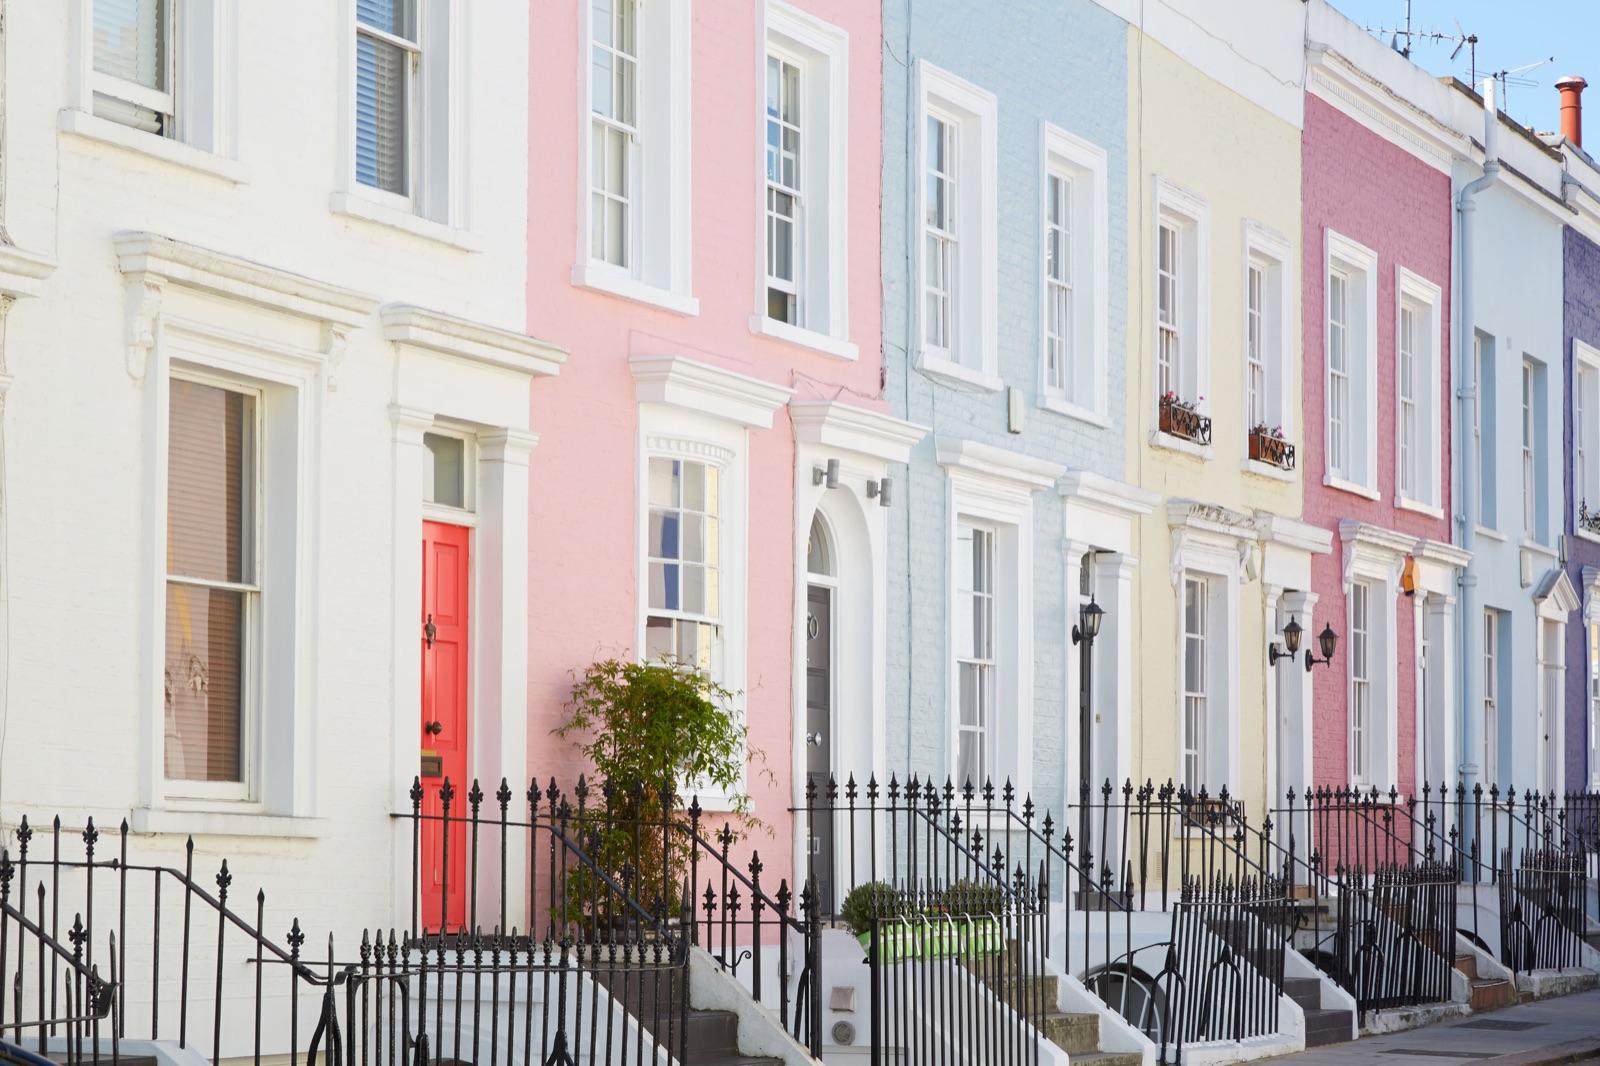 Barva fasade, vrste fasadne barve